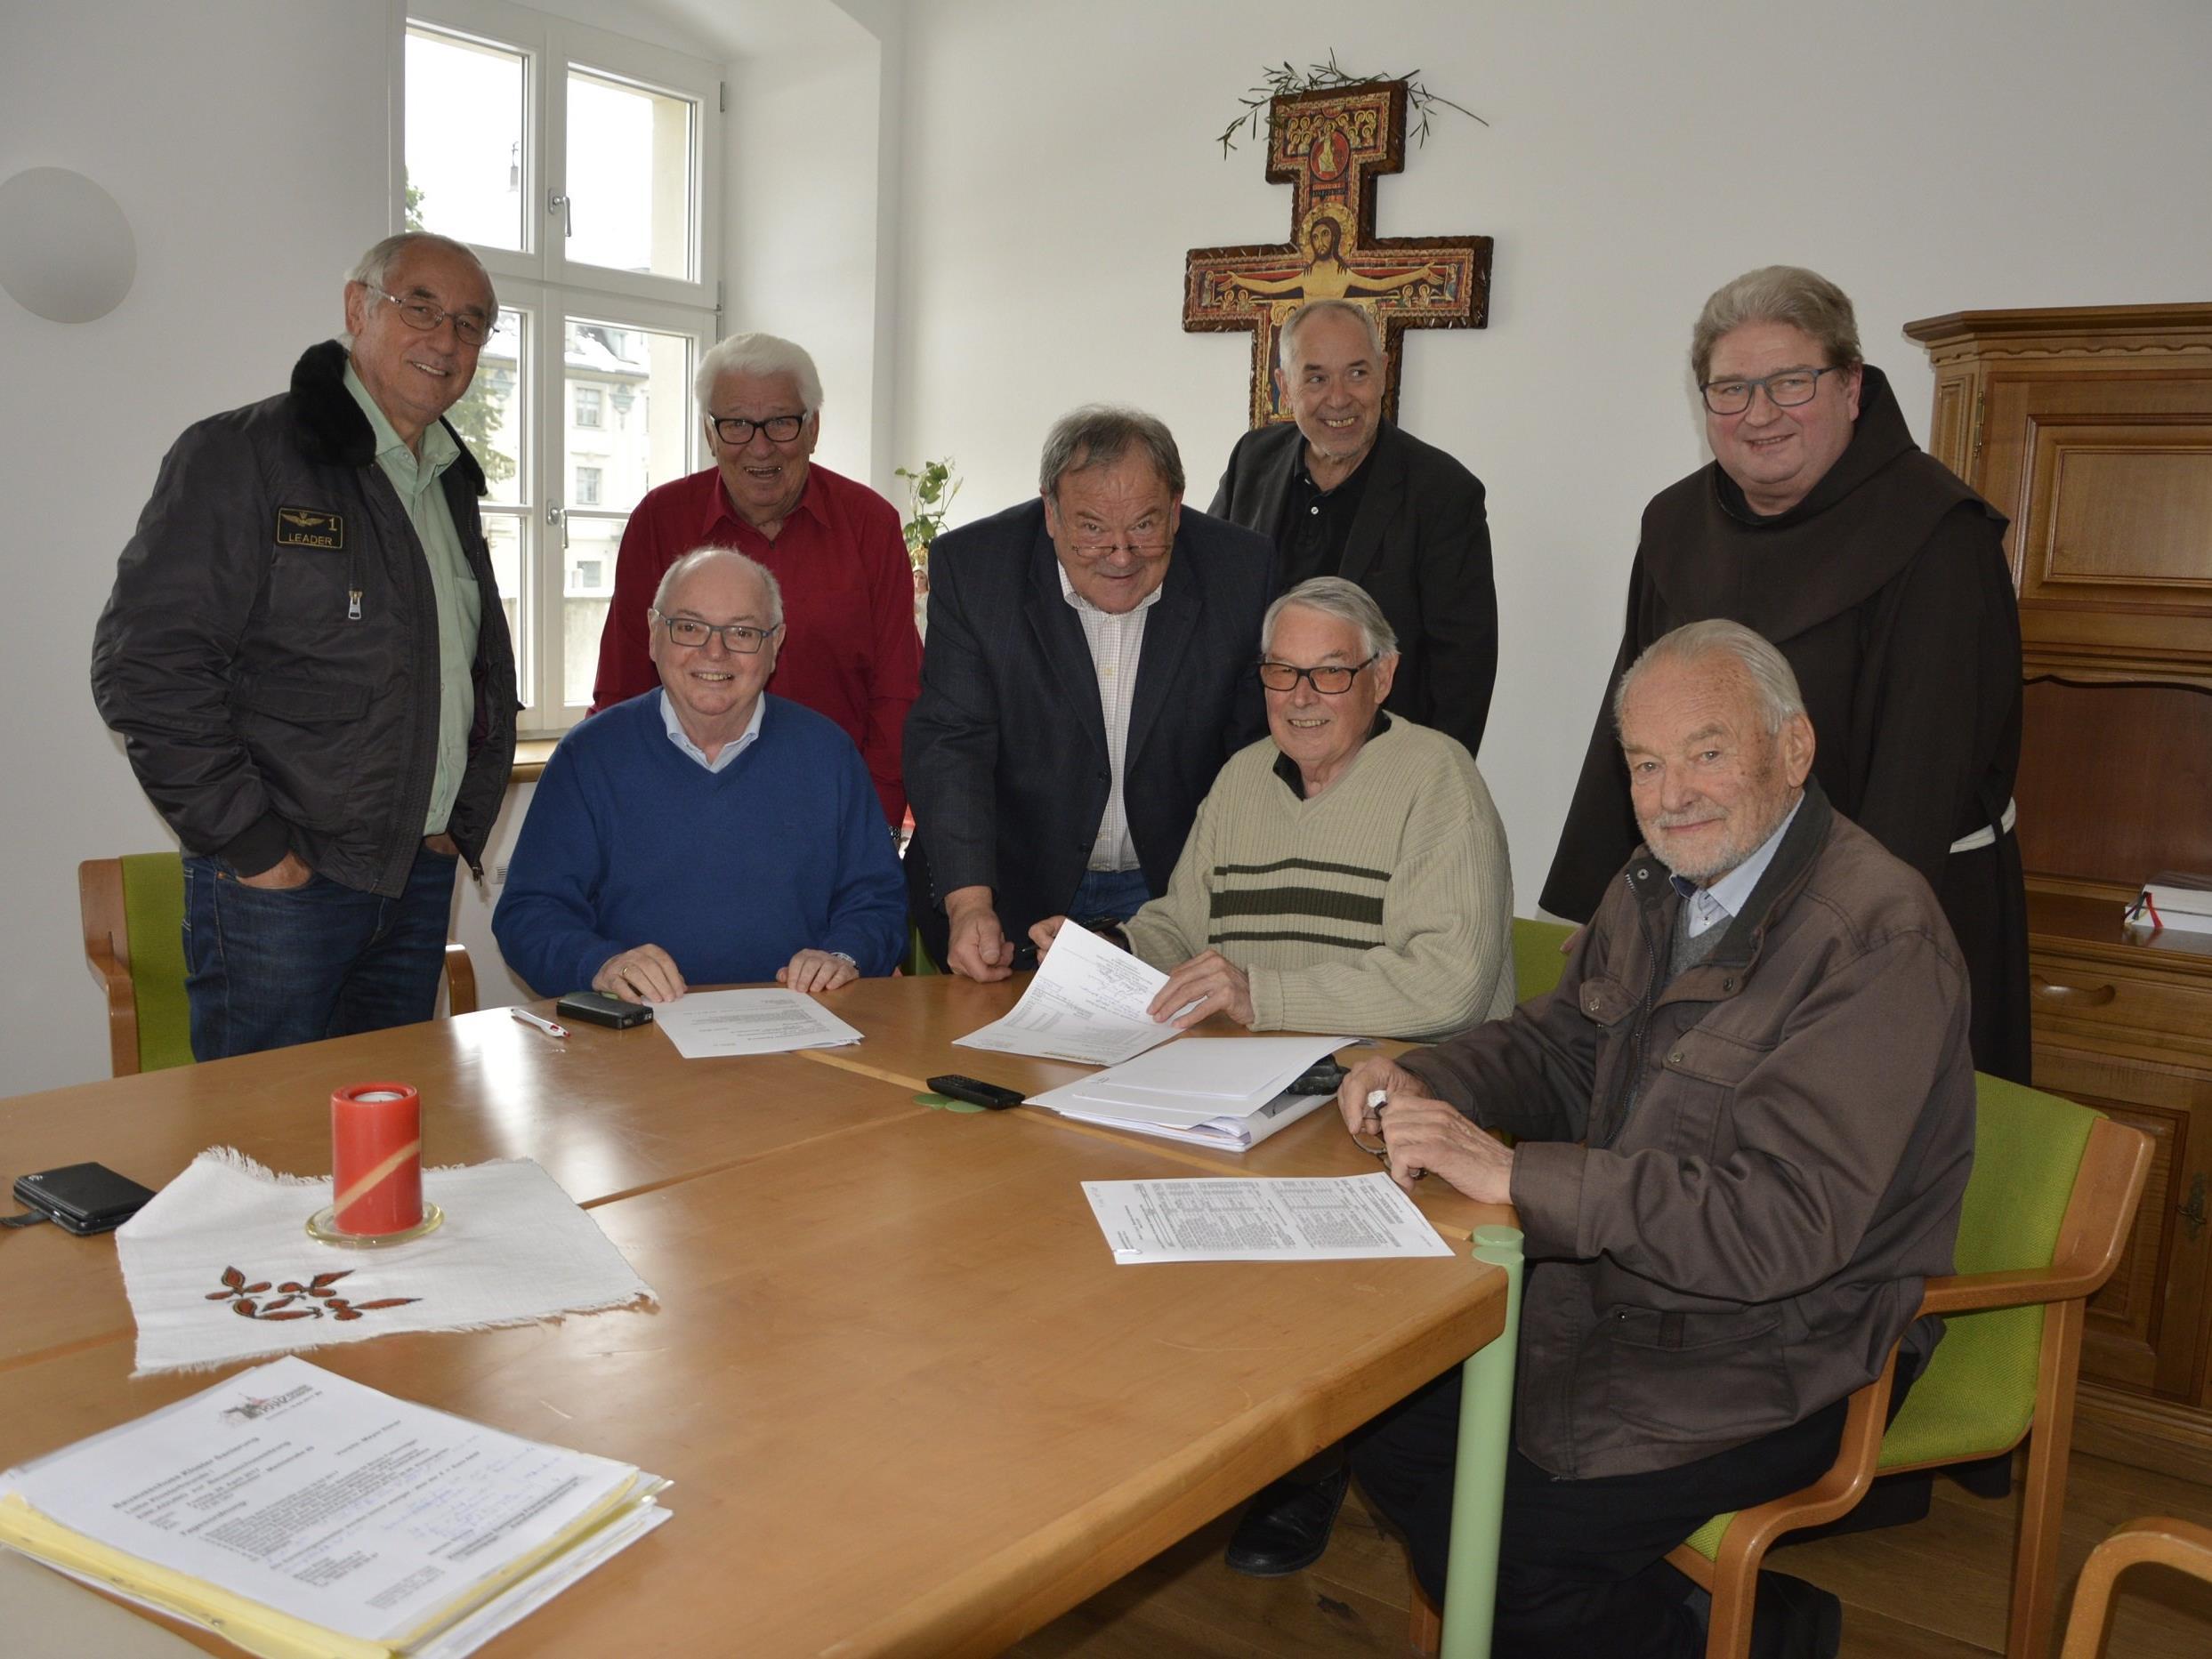 Der Bauausschuss bei der Sitzung zur dritten Bauetappe des Klosters.